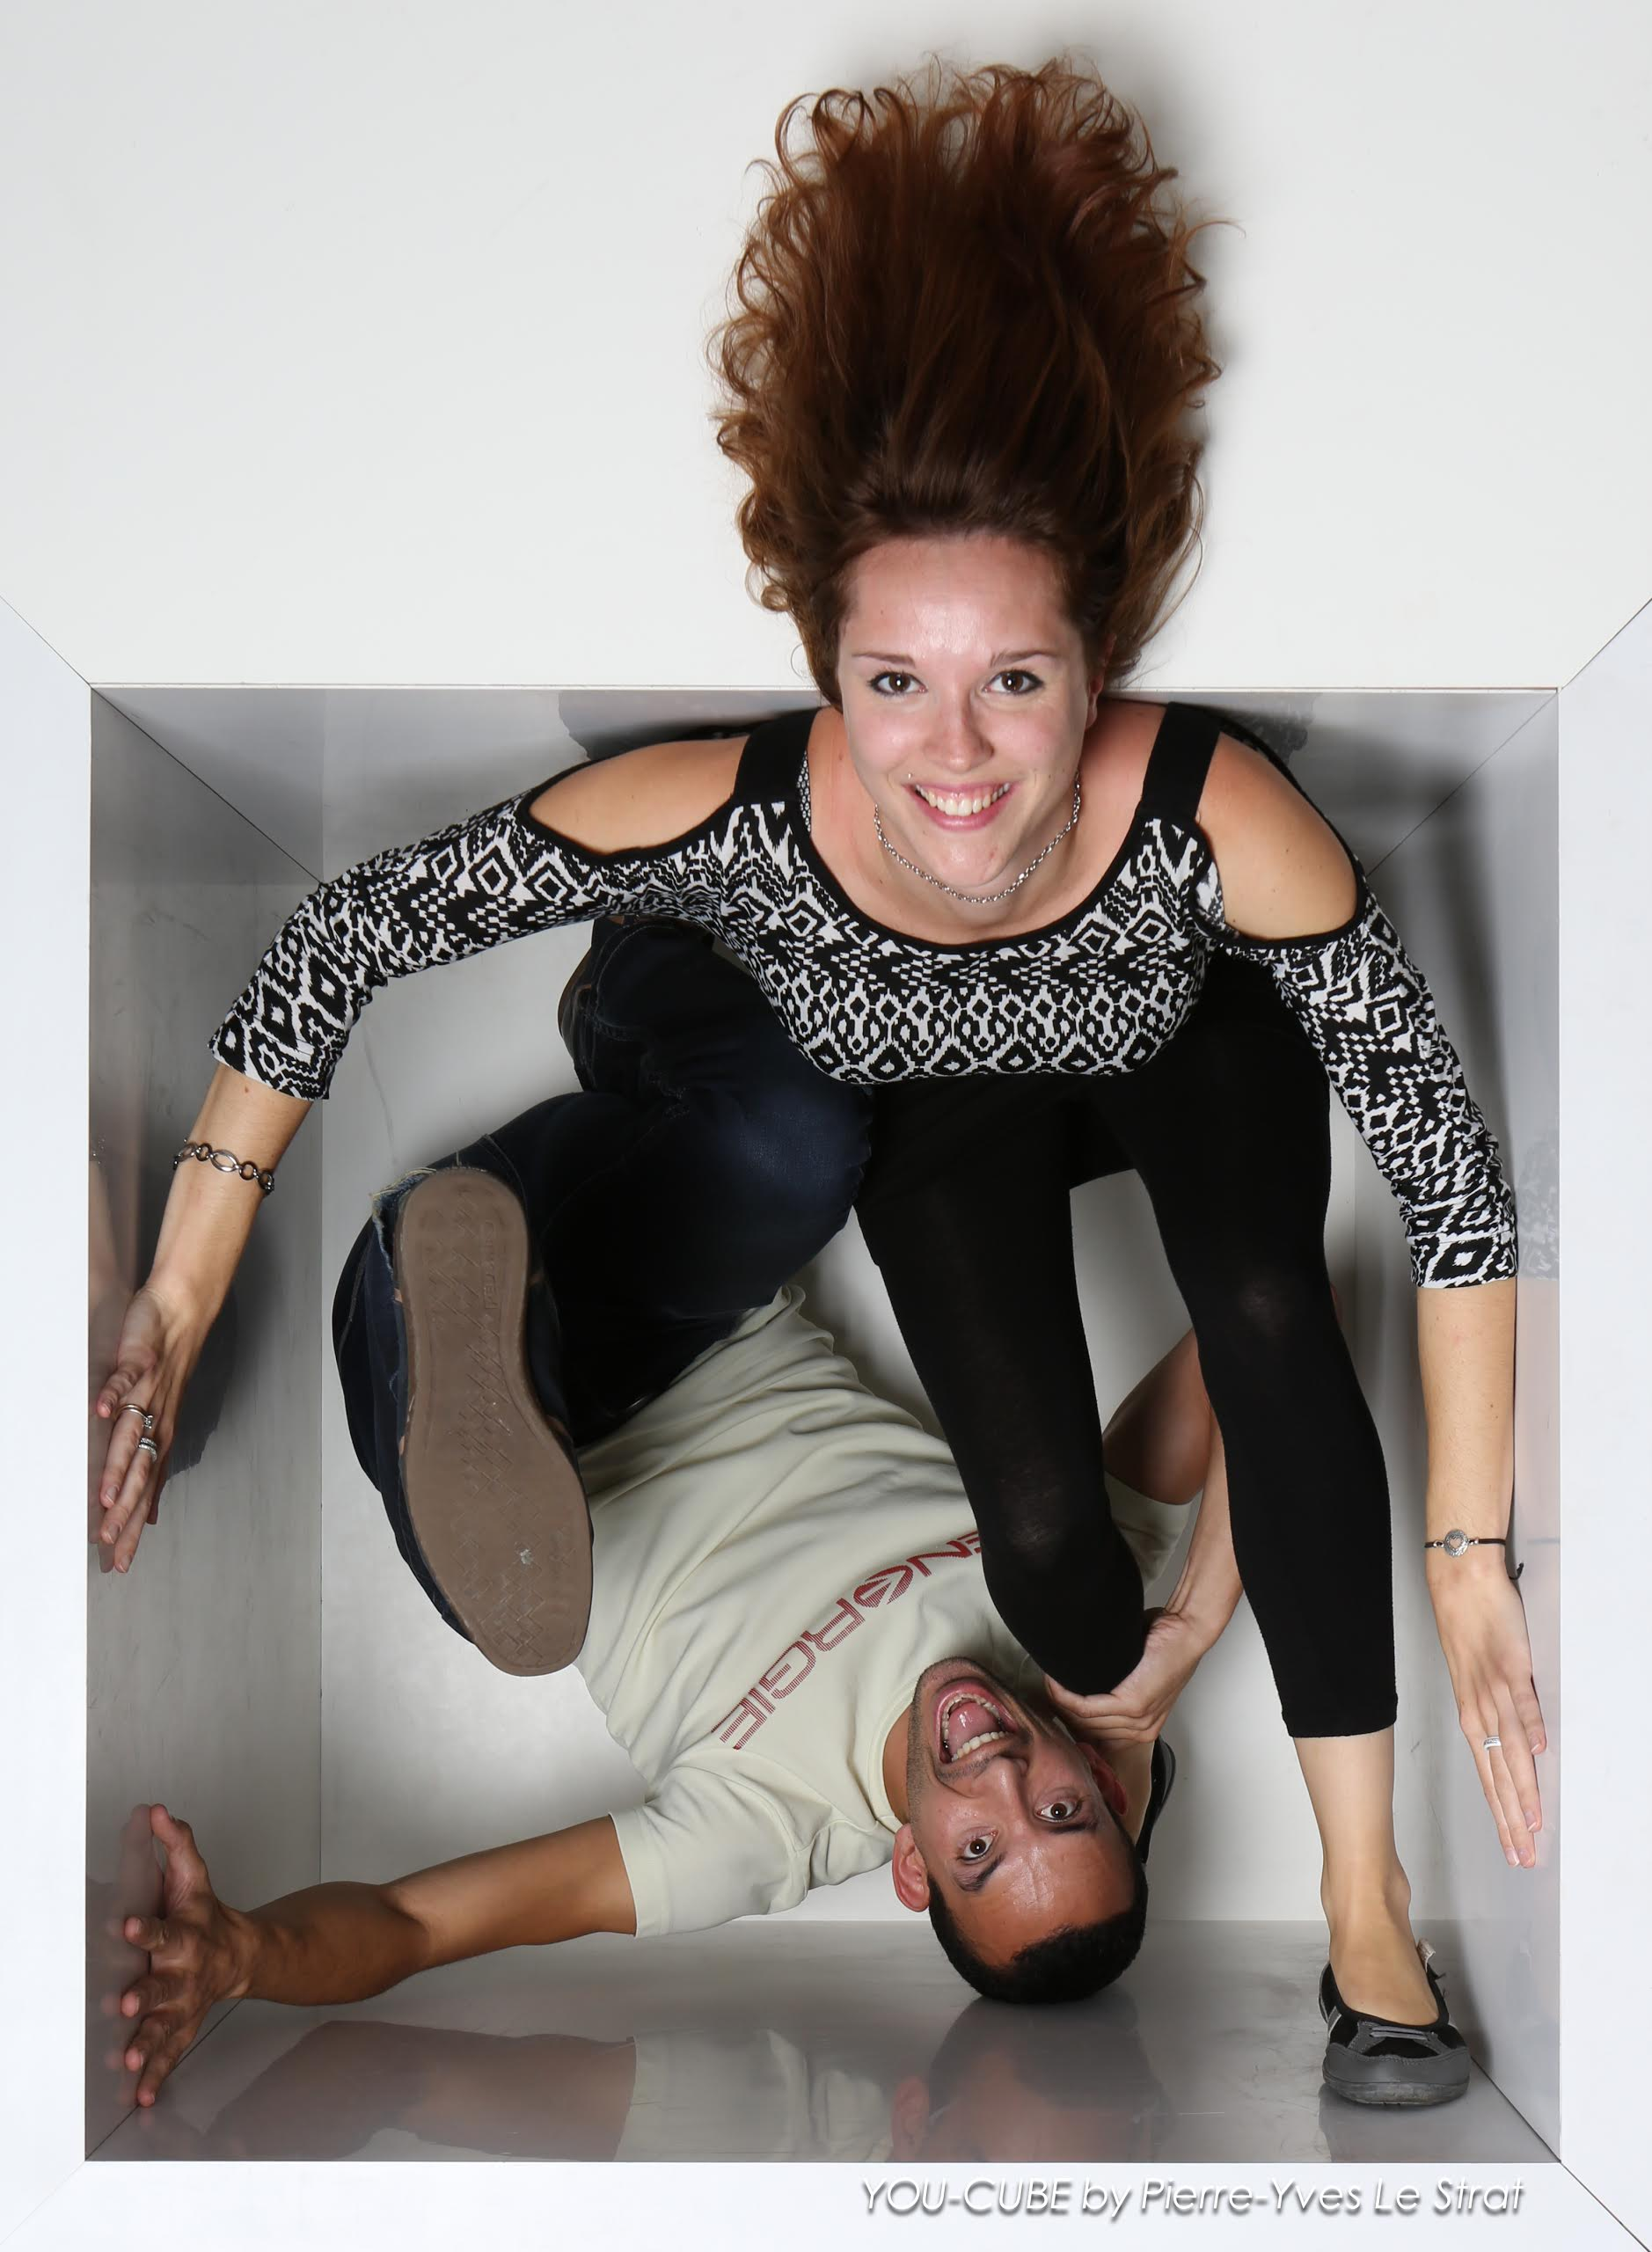 photo invités mariage cube you-cube secrets déco décoratrice essonne paris